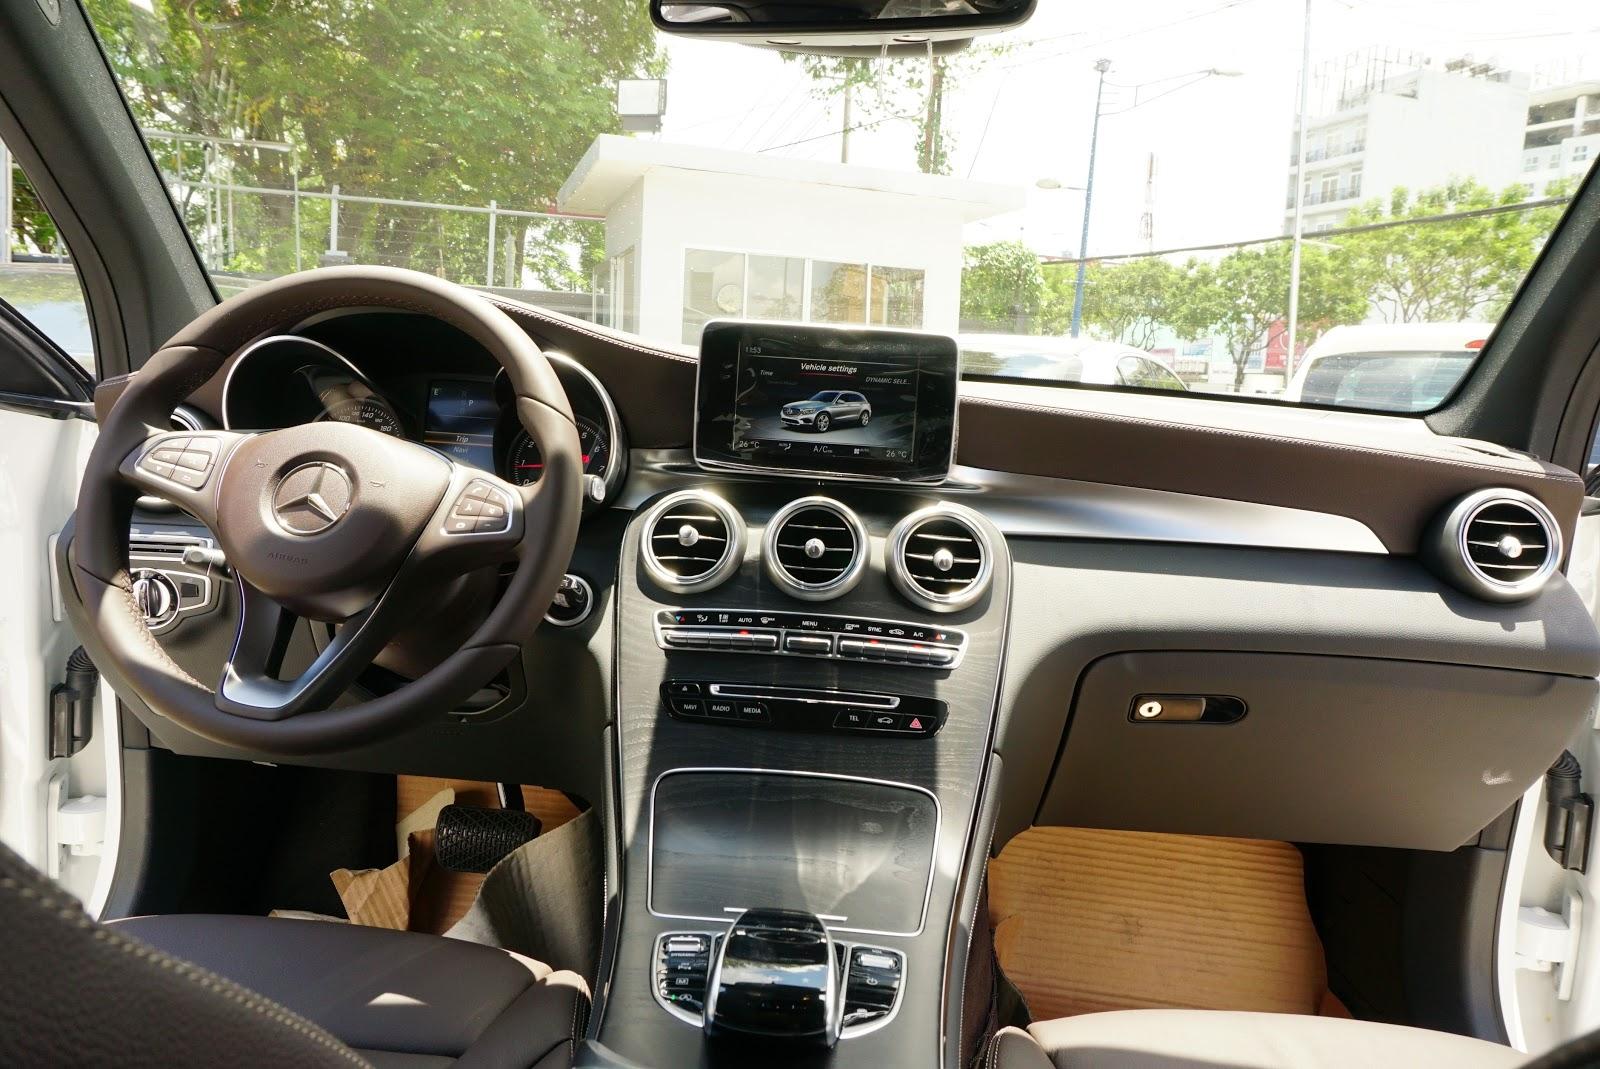 Khoang lái của Mercedes Benz GLC với nhiều tính năng hiện đại